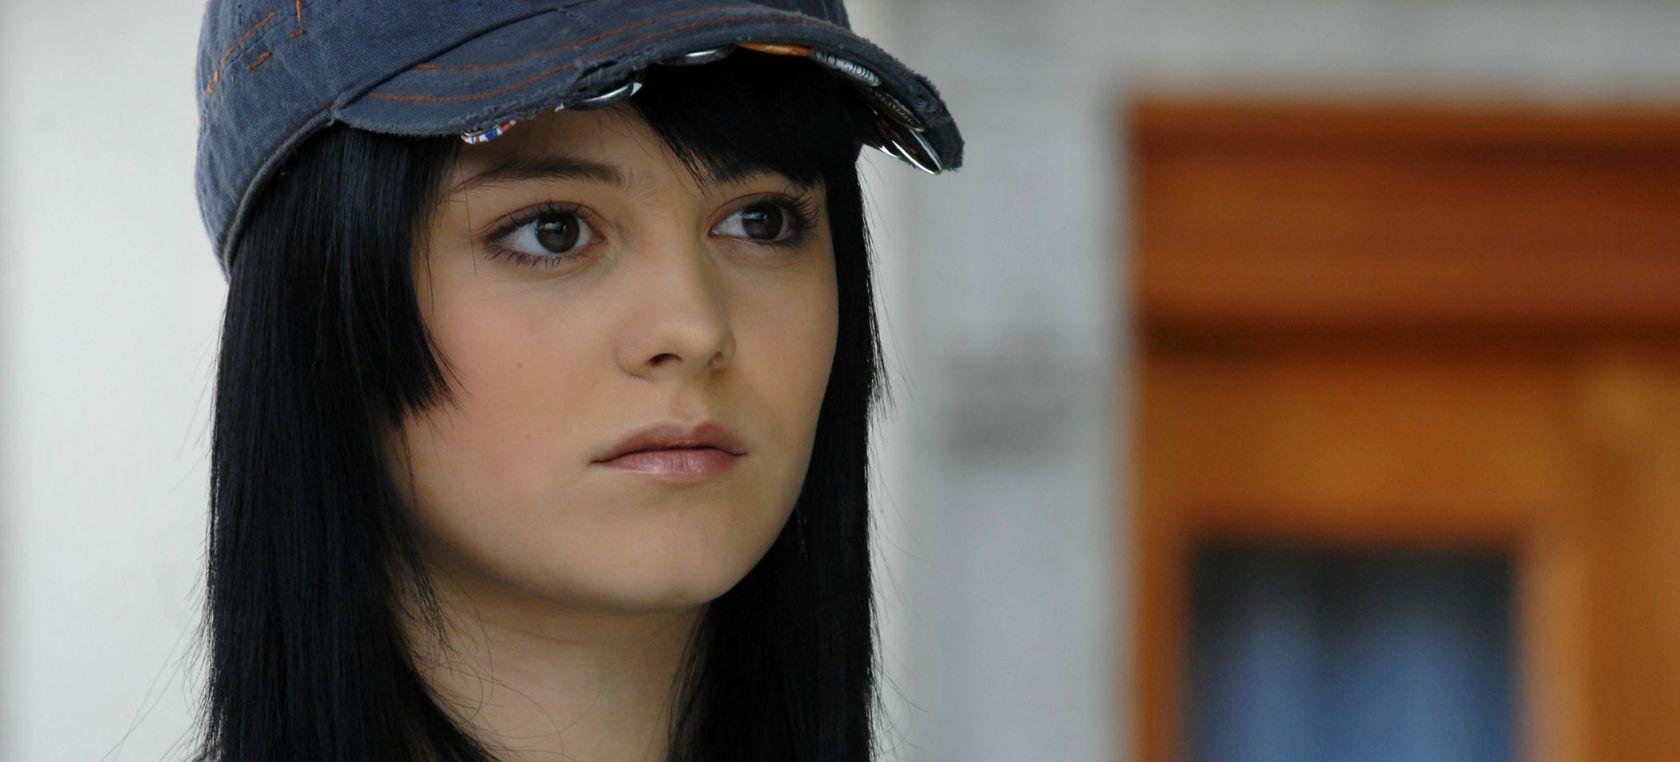 Allisson Lozano hija de allisson lozz sorprende con el parecido a su madre